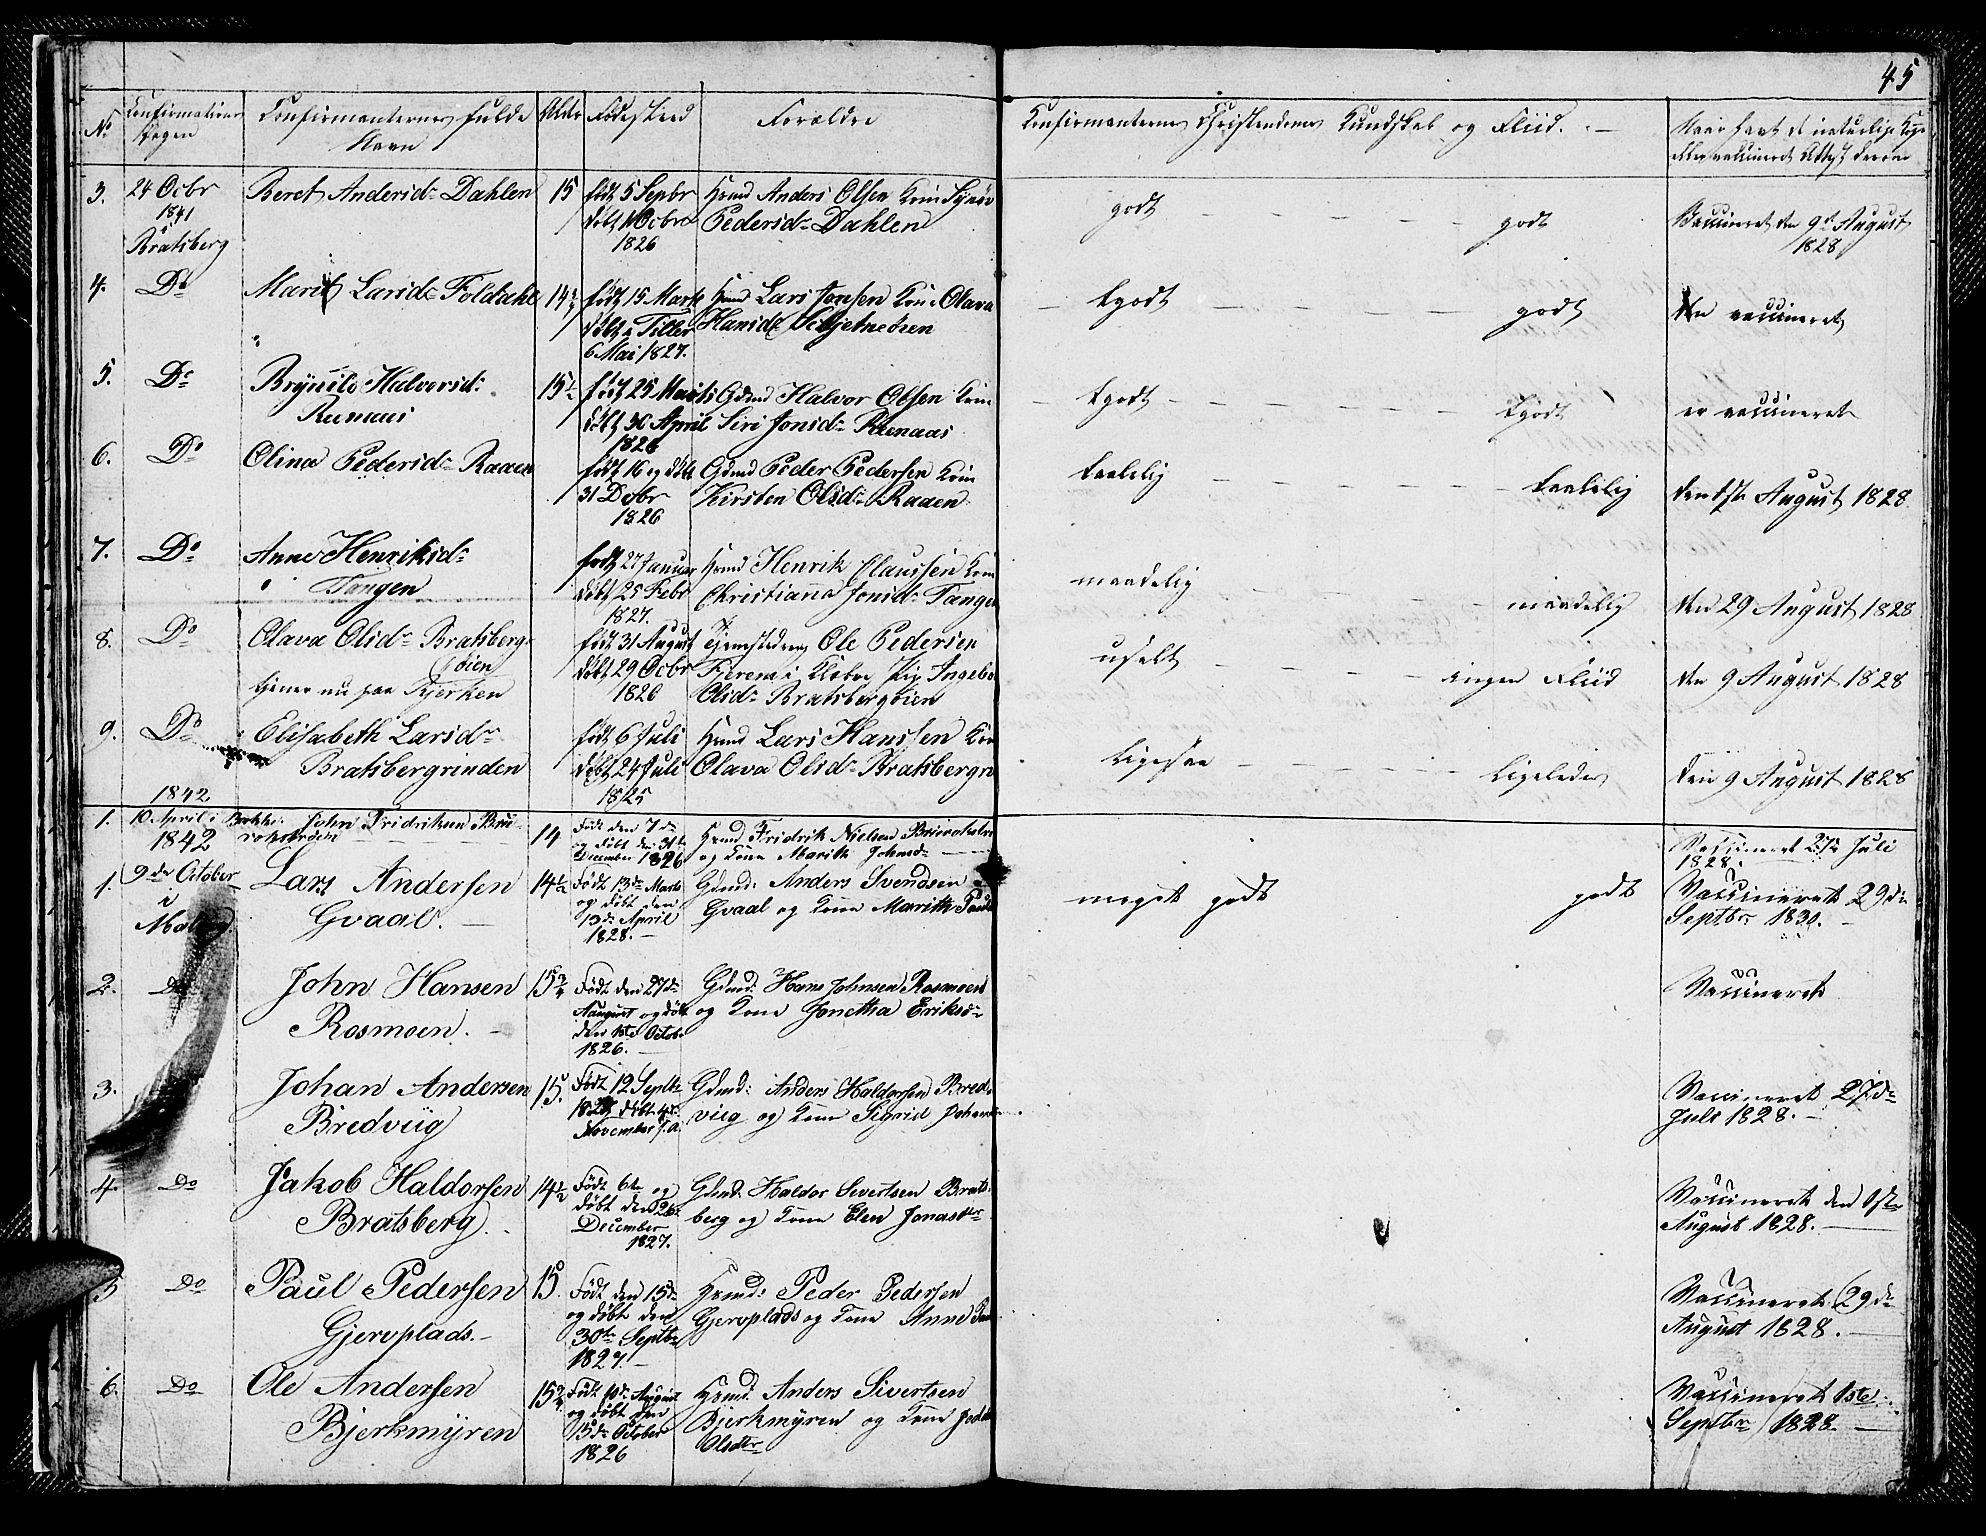 SAT, Ministerialprotokoller, klokkerbøker og fødselsregistre - Sør-Trøndelag, 608/L0338: Klokkerbok nr. 608C04, 1831-1843, s. 45